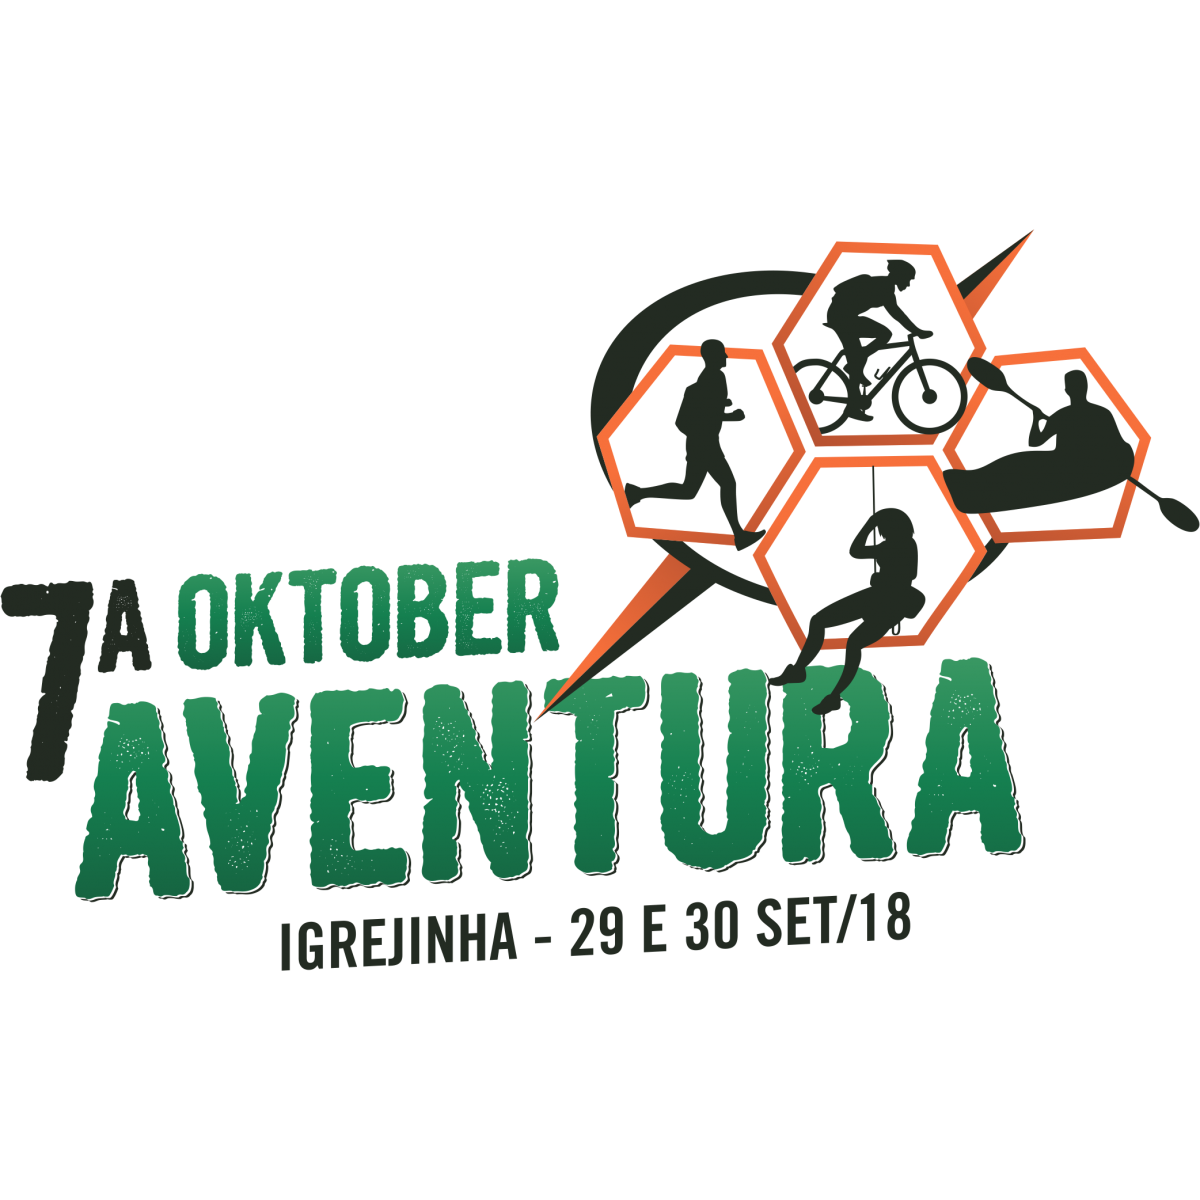 7ª OktoberAventura | 2018